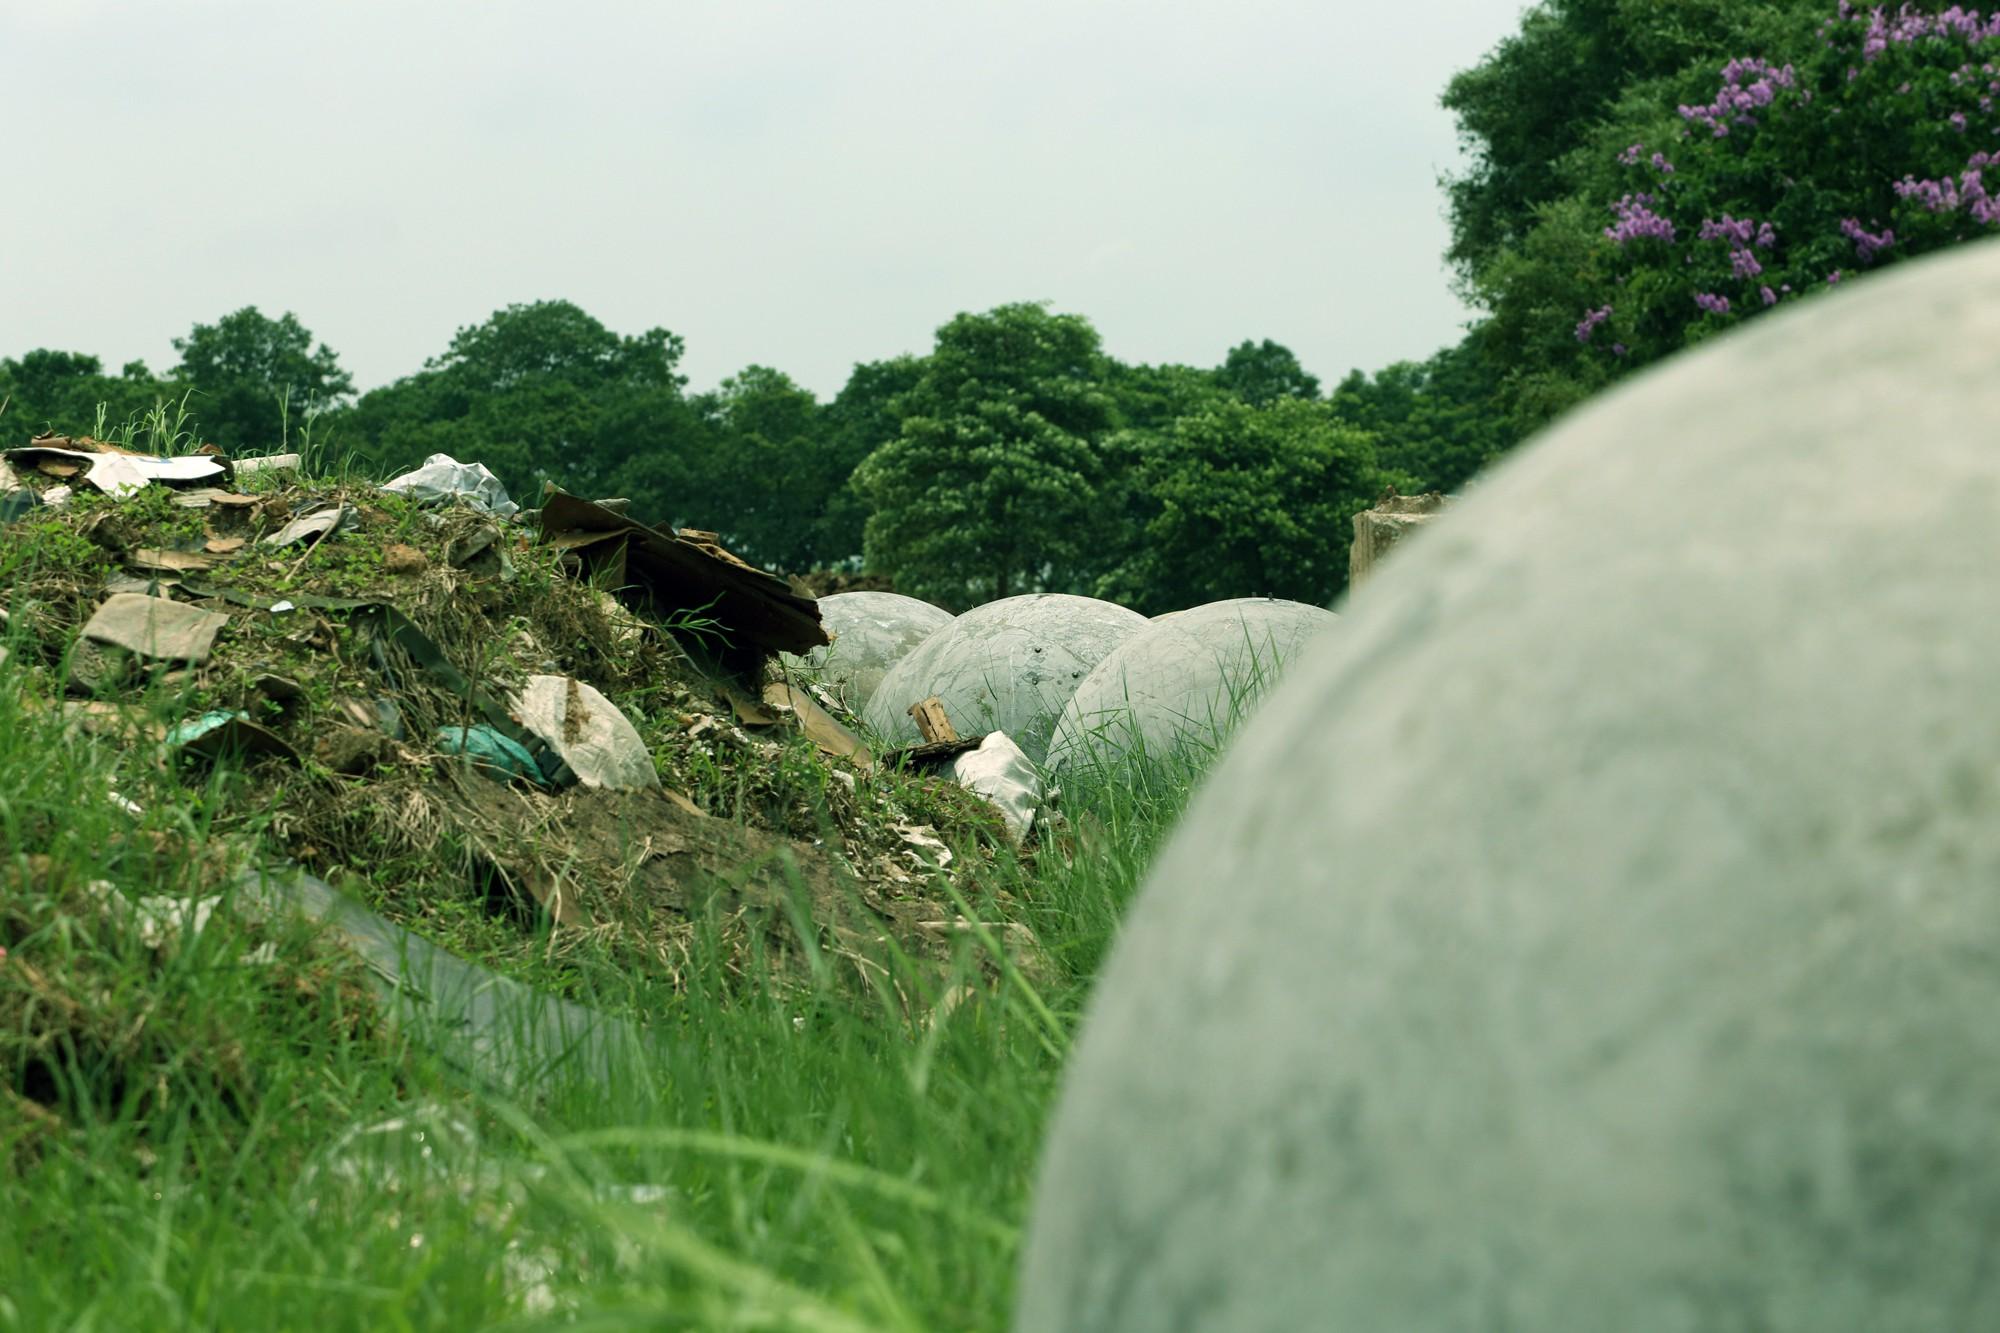 Bóng xích ở sân Mỹ Đình nguy cơ bị chôn trong rác - Ảnh 6.